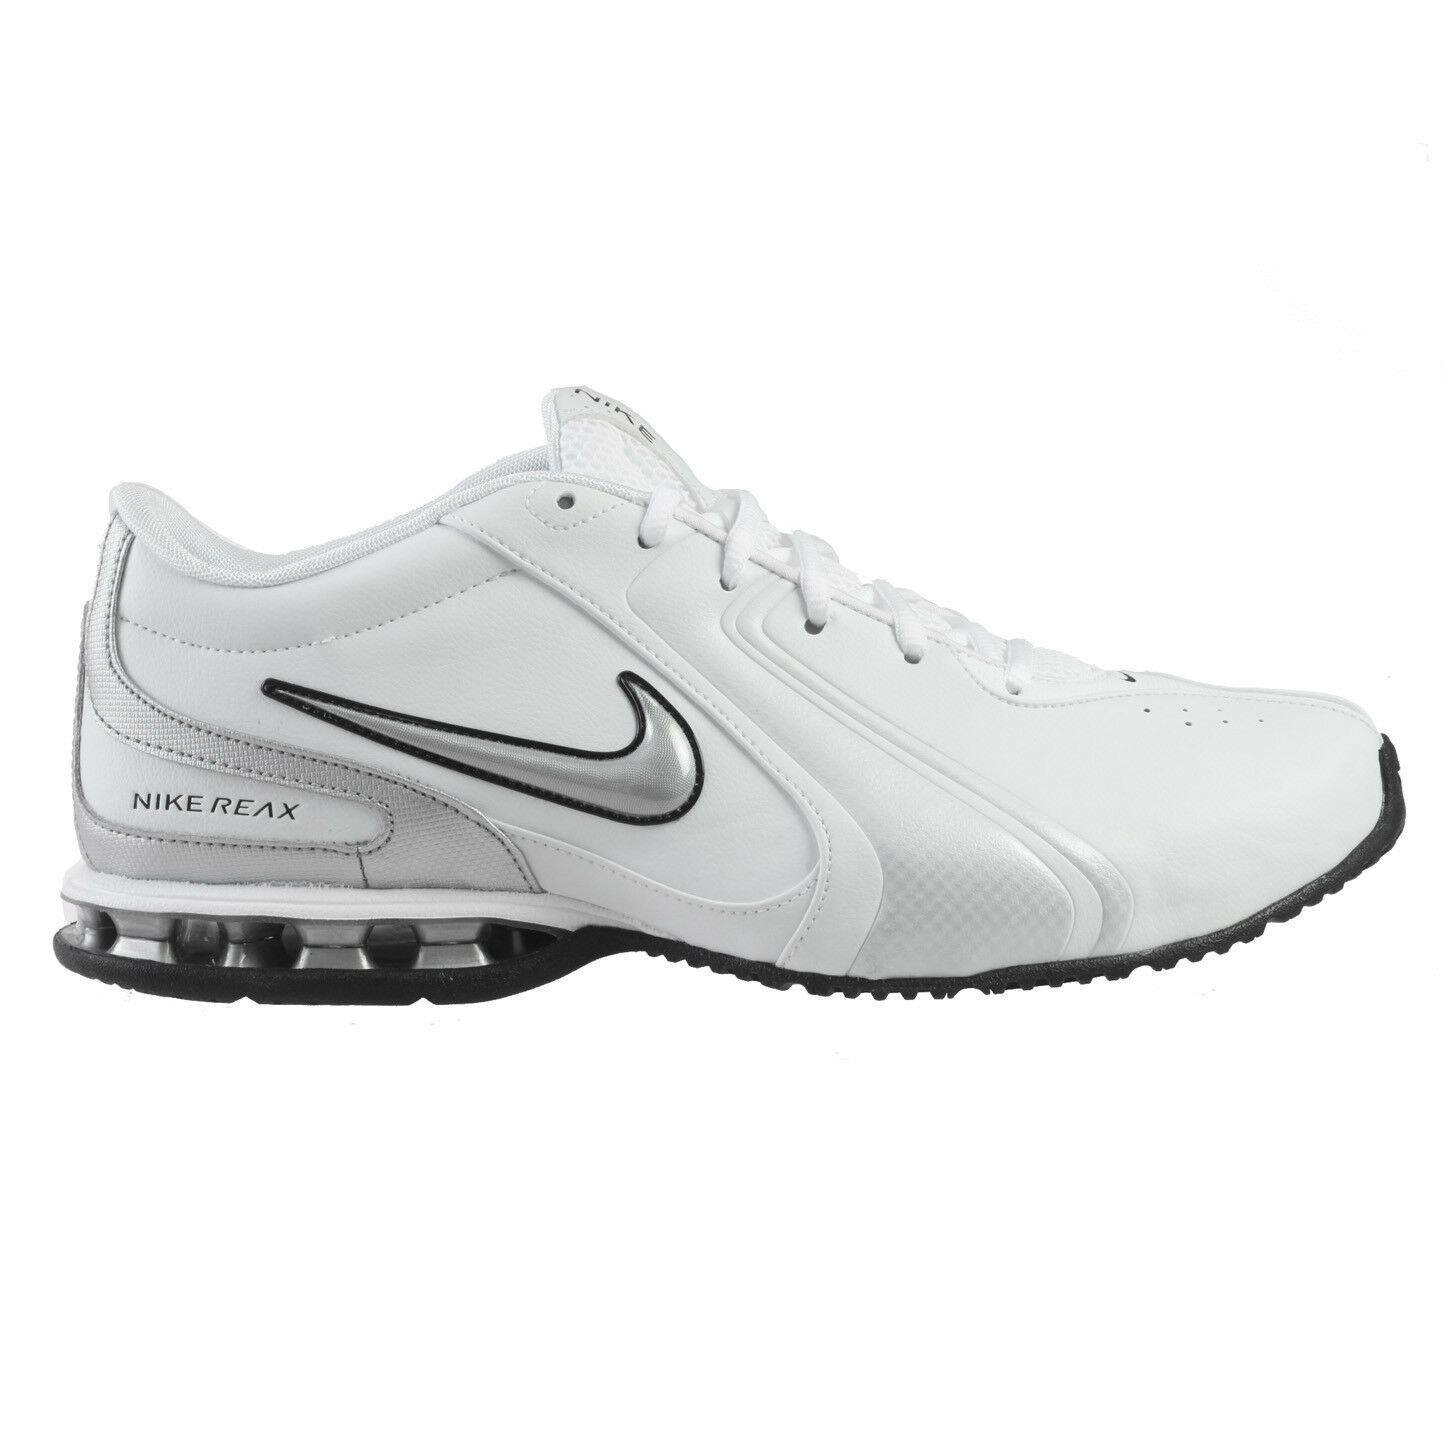 Nike reax tr iii sl Uomo formazione 333765-101 bianca croce d'argento formazione Uomo scorpe 11,5 534c6f